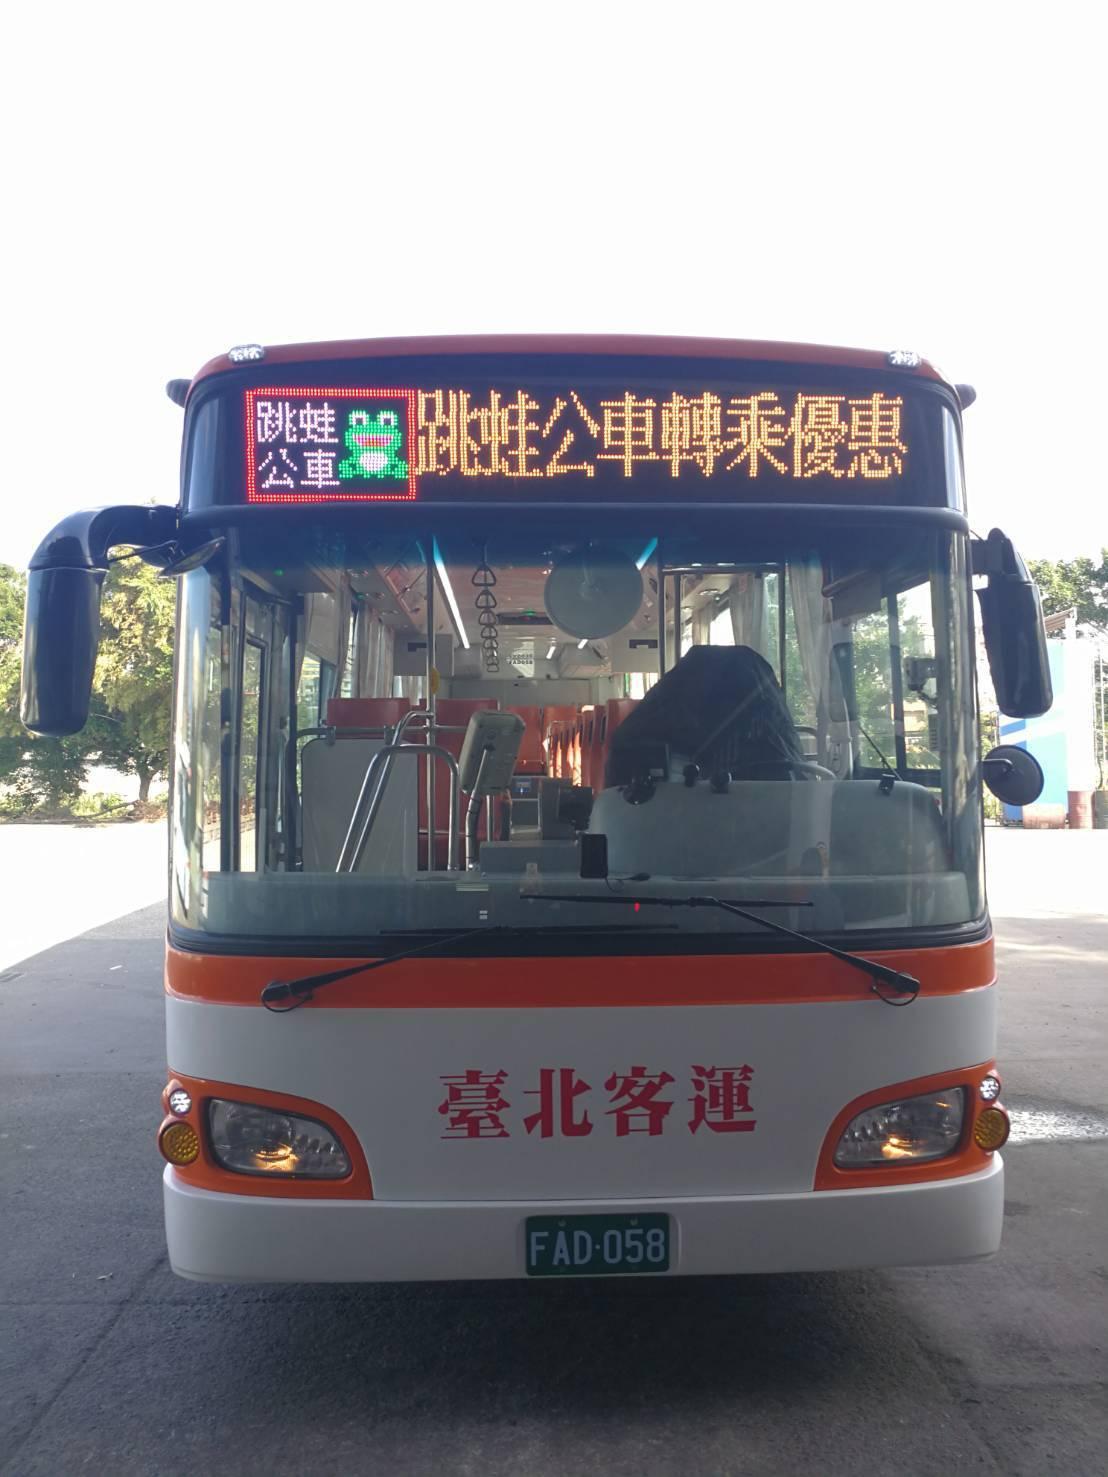 雙北64條快速、跳蛙公車轉乘優惠,將於12月29日起實施。圖/新北市交通局提供